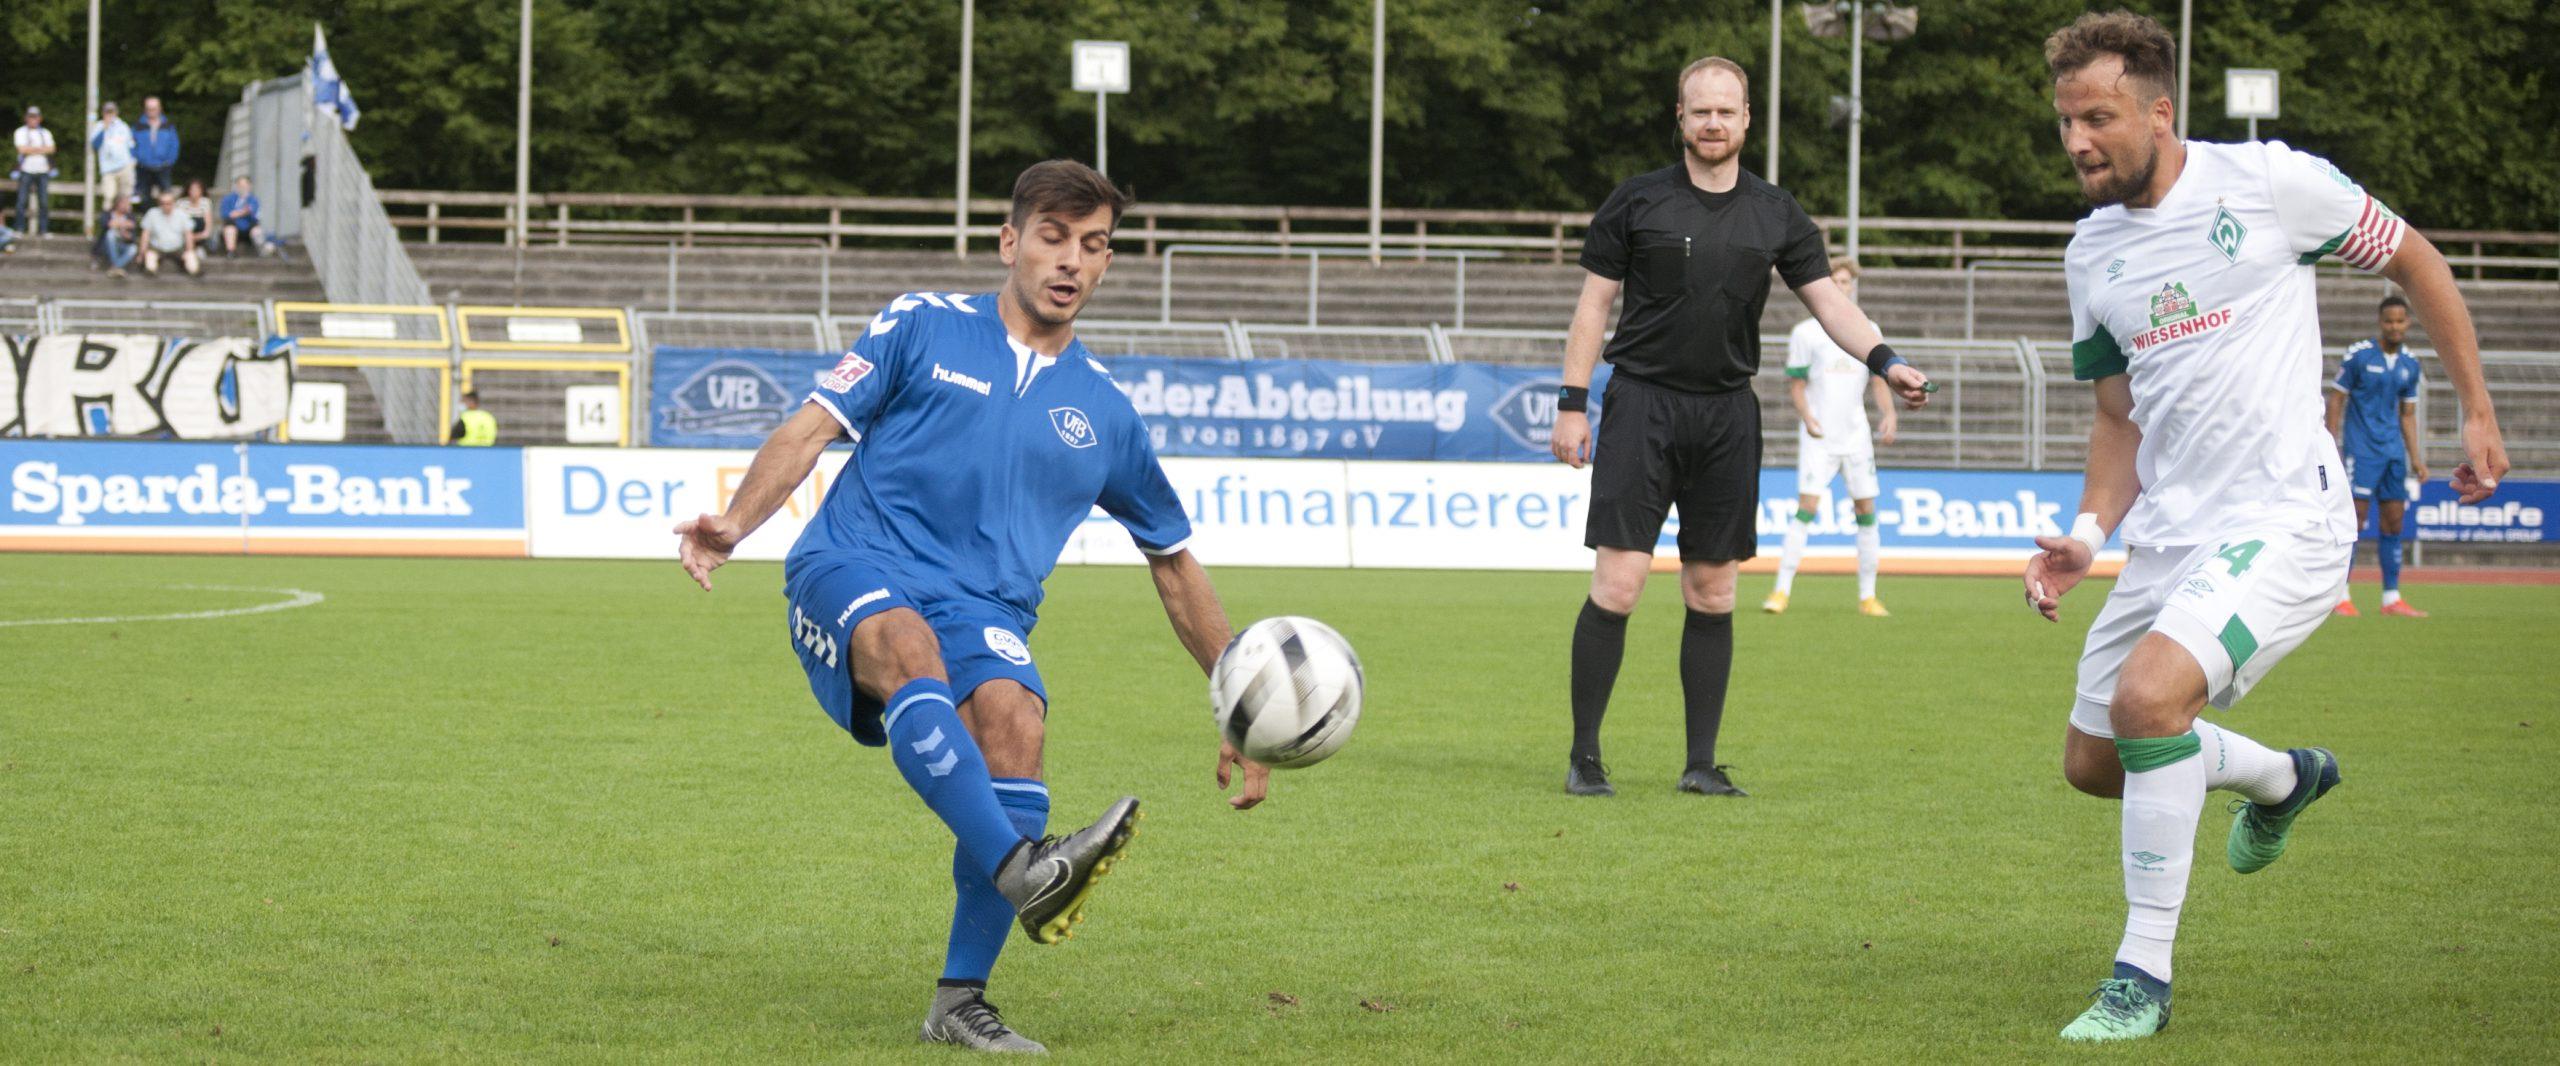 VfB am Freitagabend vor schwerer Aufgabe